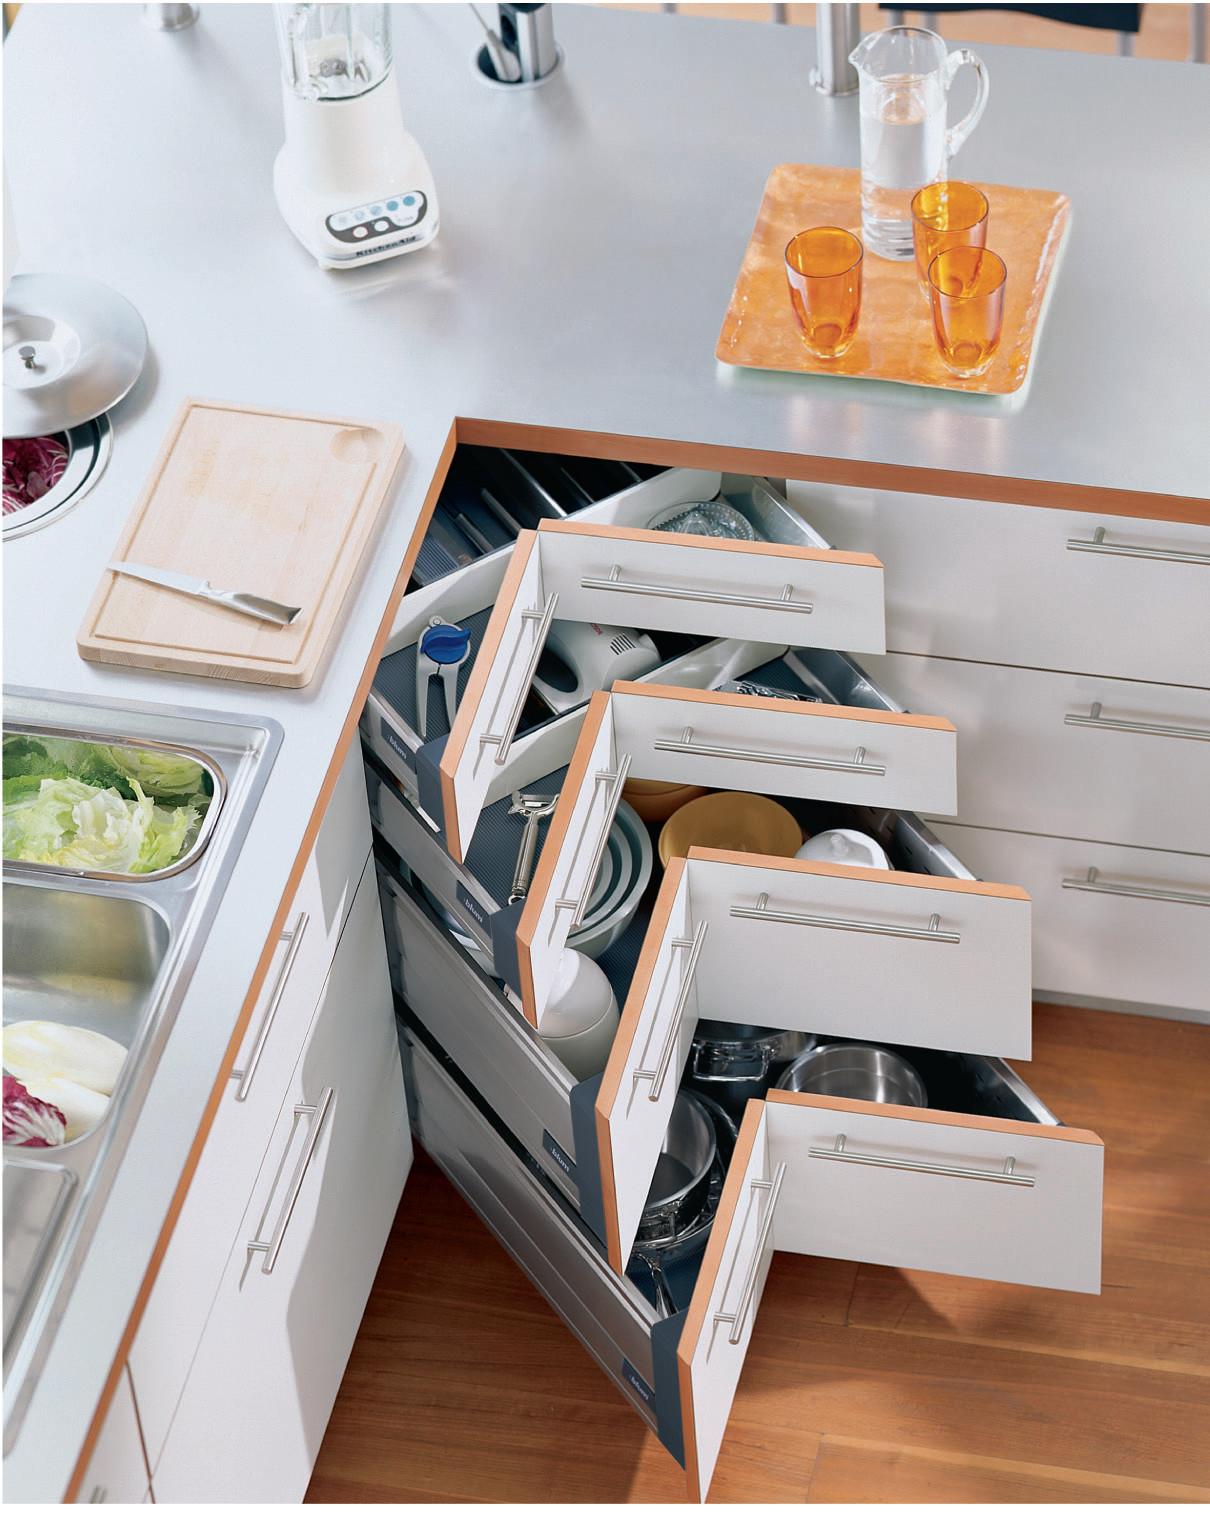 Corner drawer kitchen shelf solution